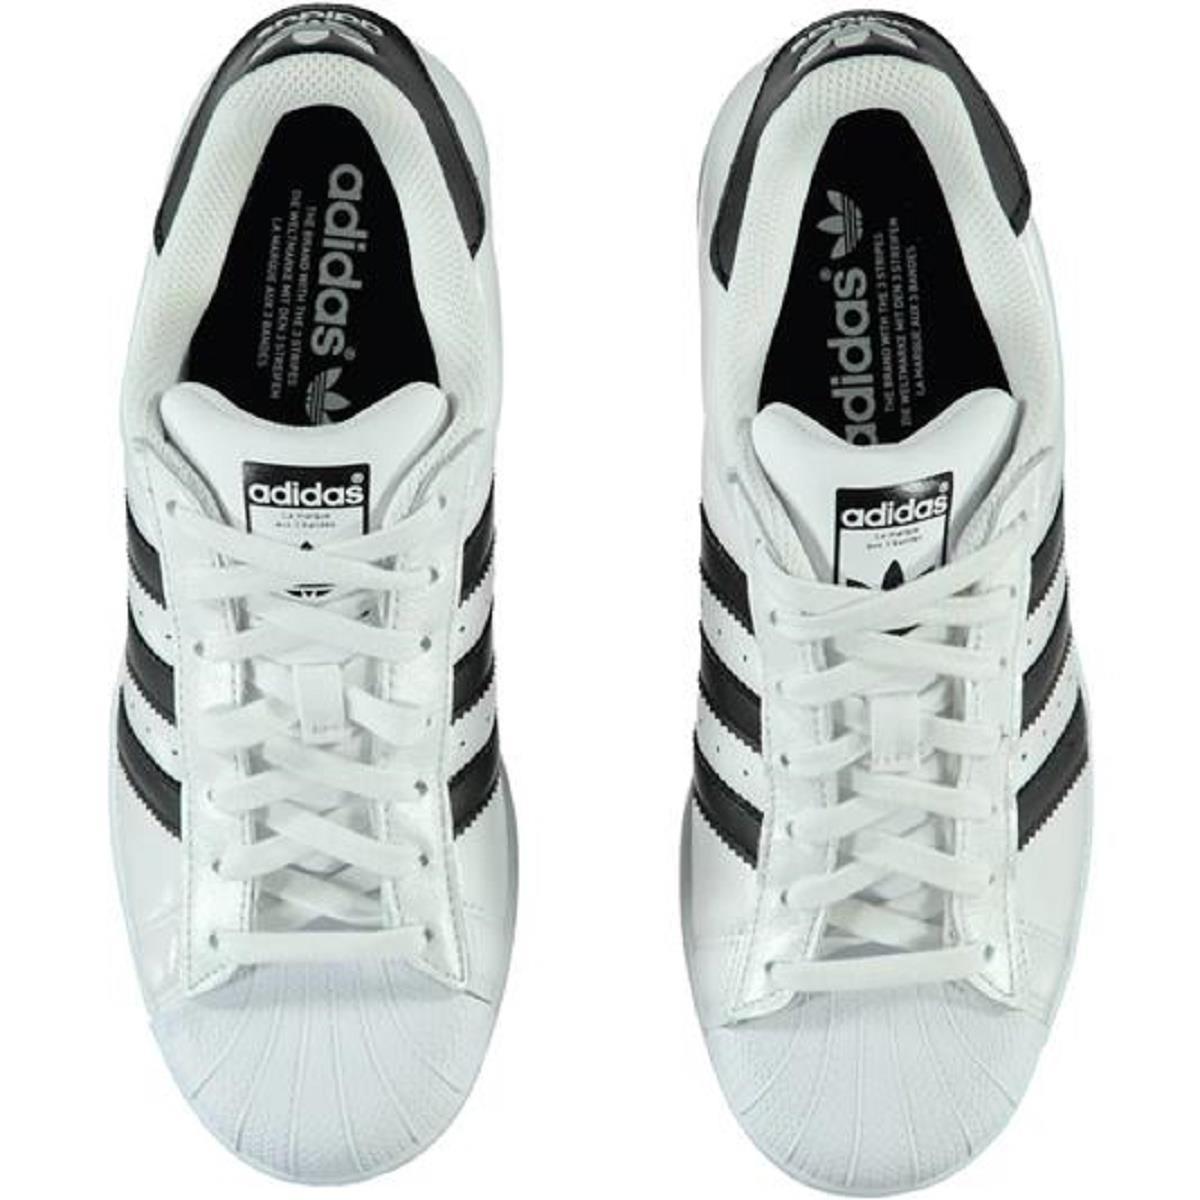 scarpe adidas superstar uomo s75873